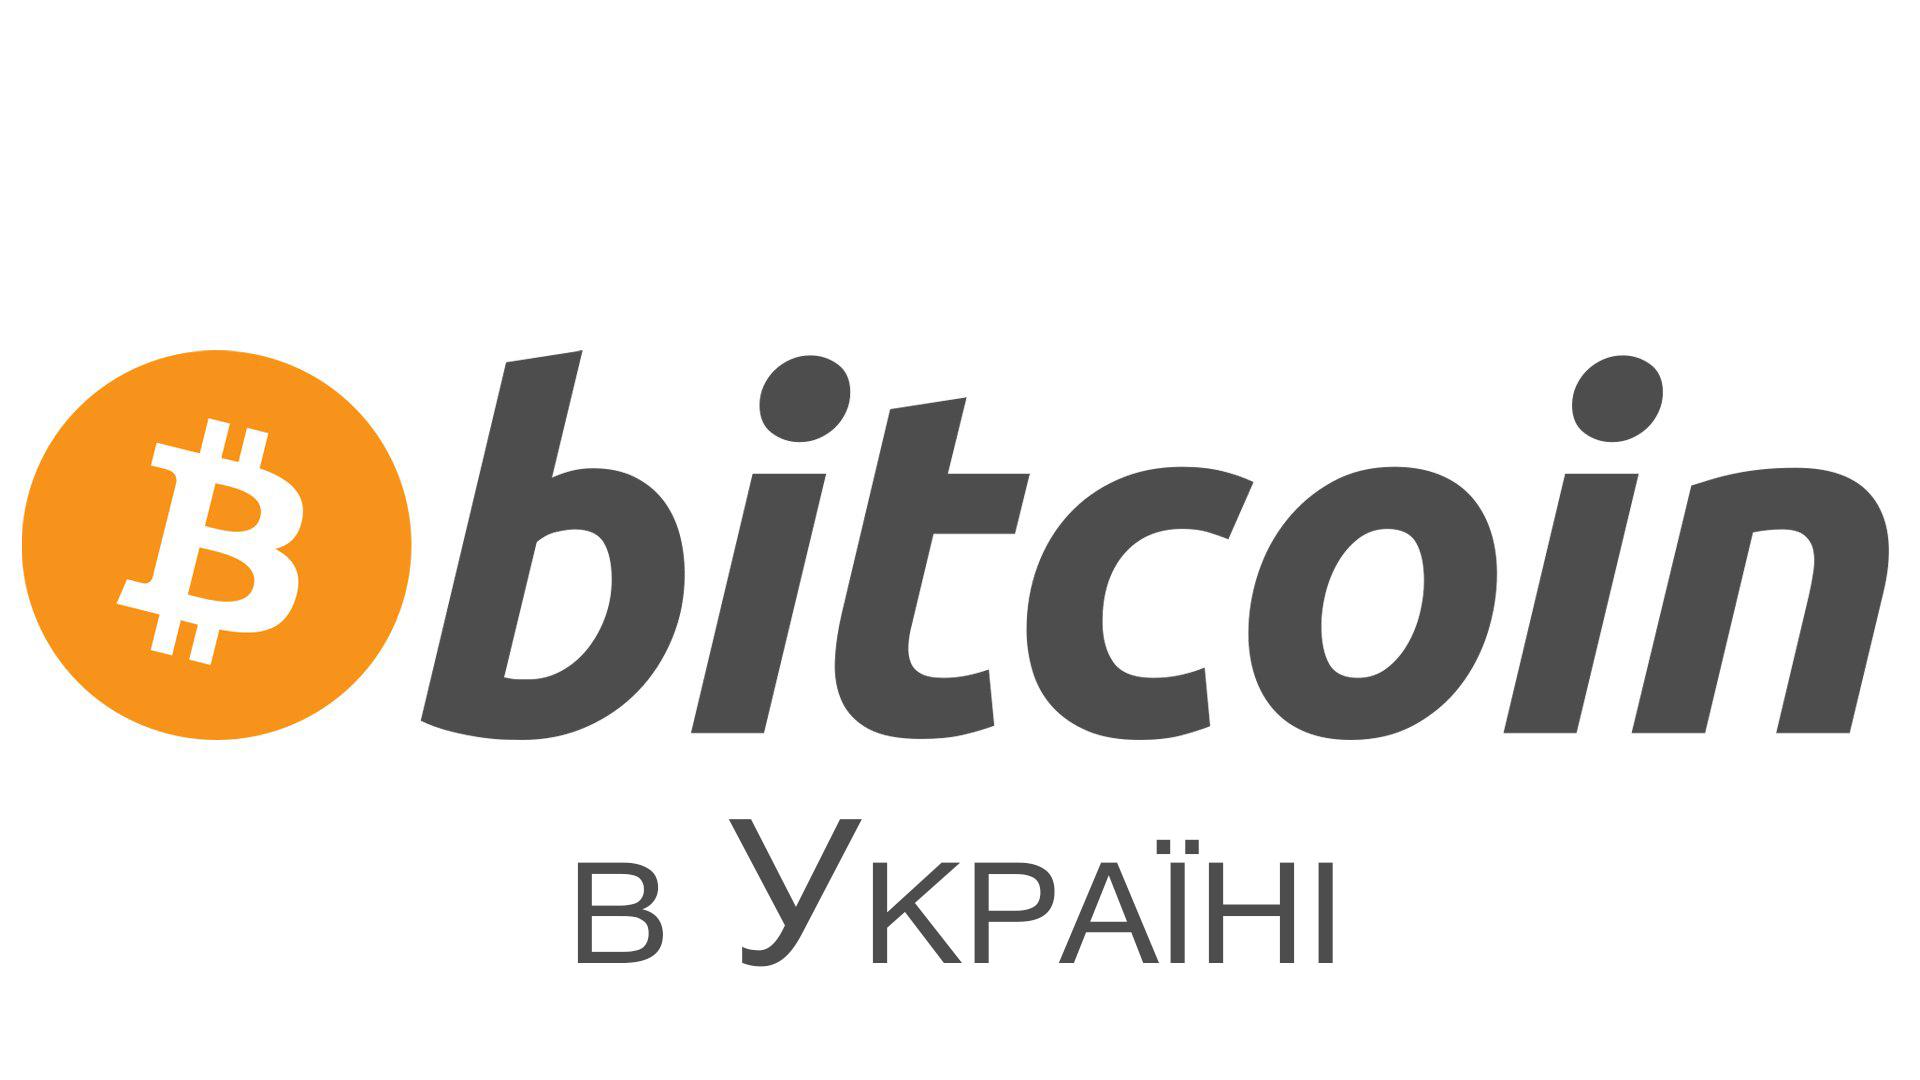 Де купити Bitcoin біткоіни в Україні